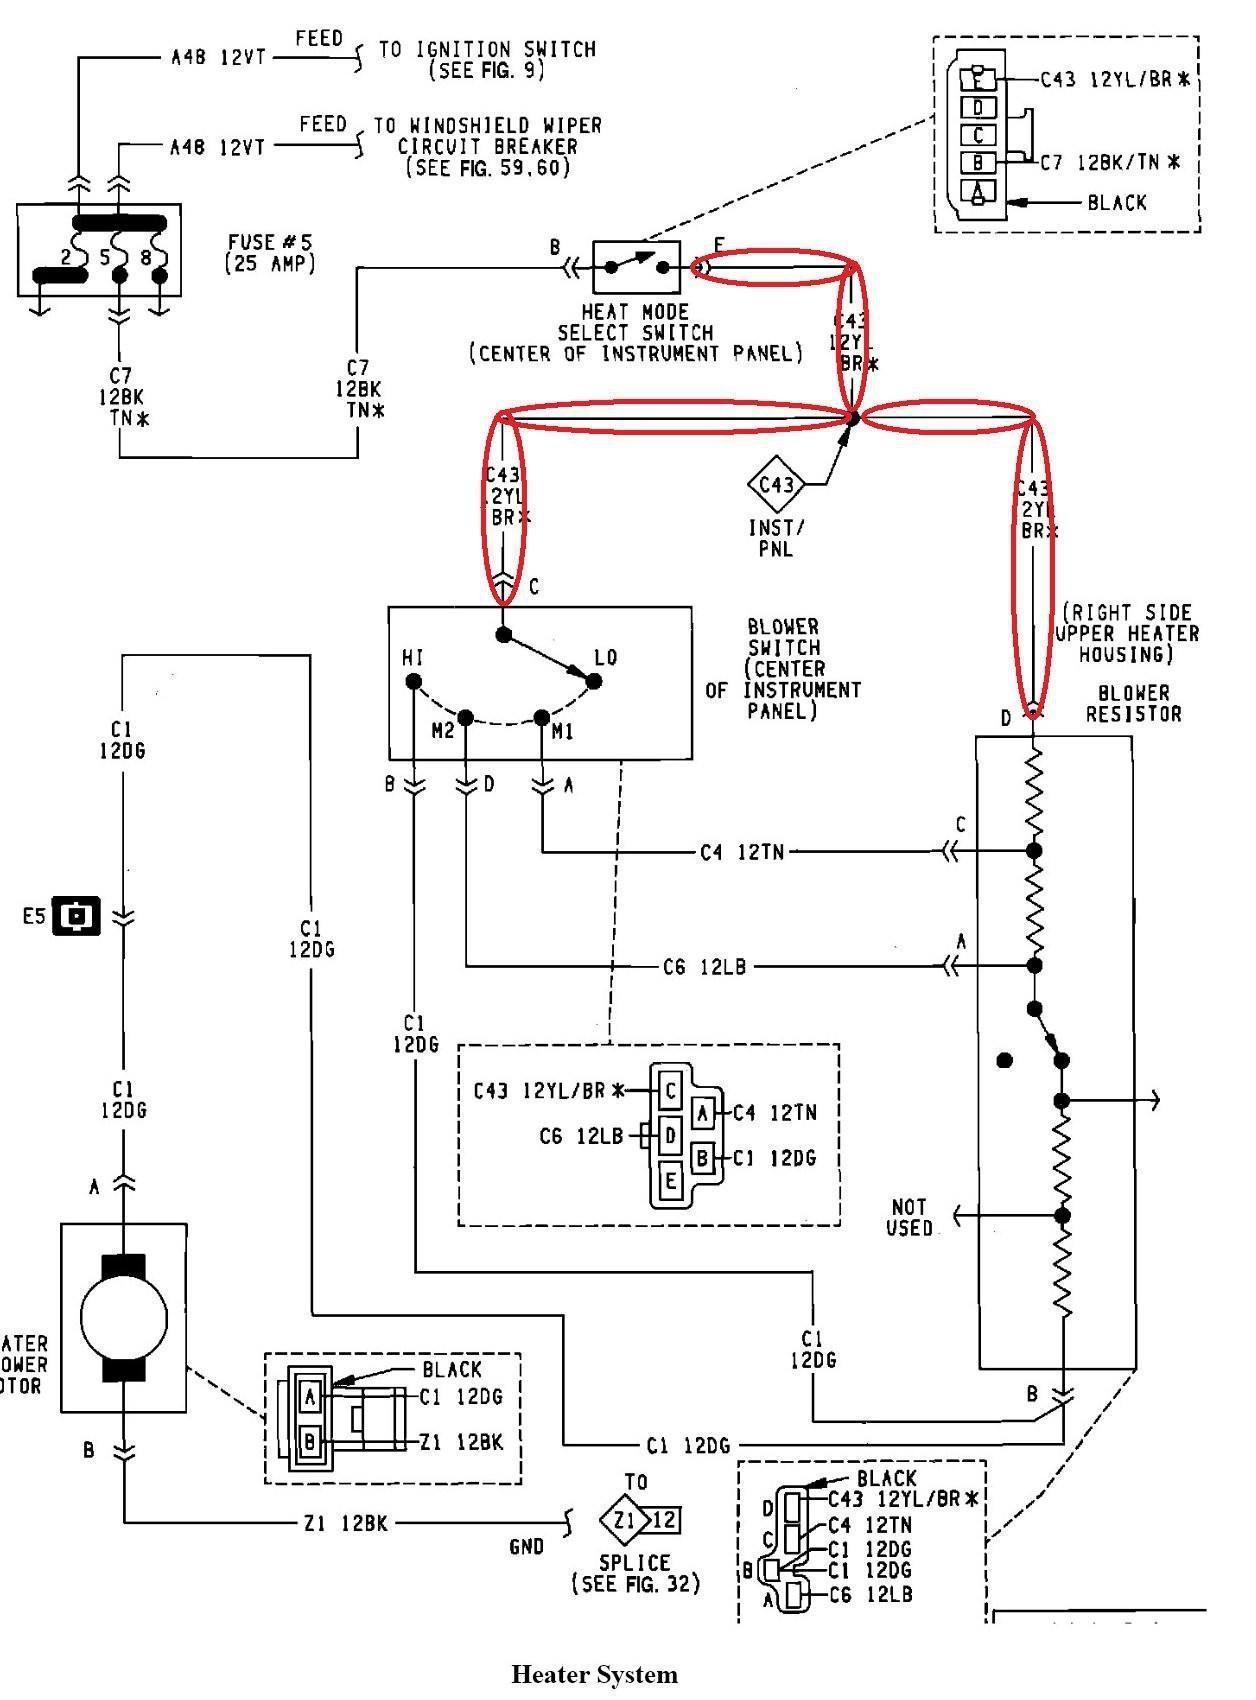 36 Volt Ez Go Golf Cart Wiring Diagram | Wiring Diagram